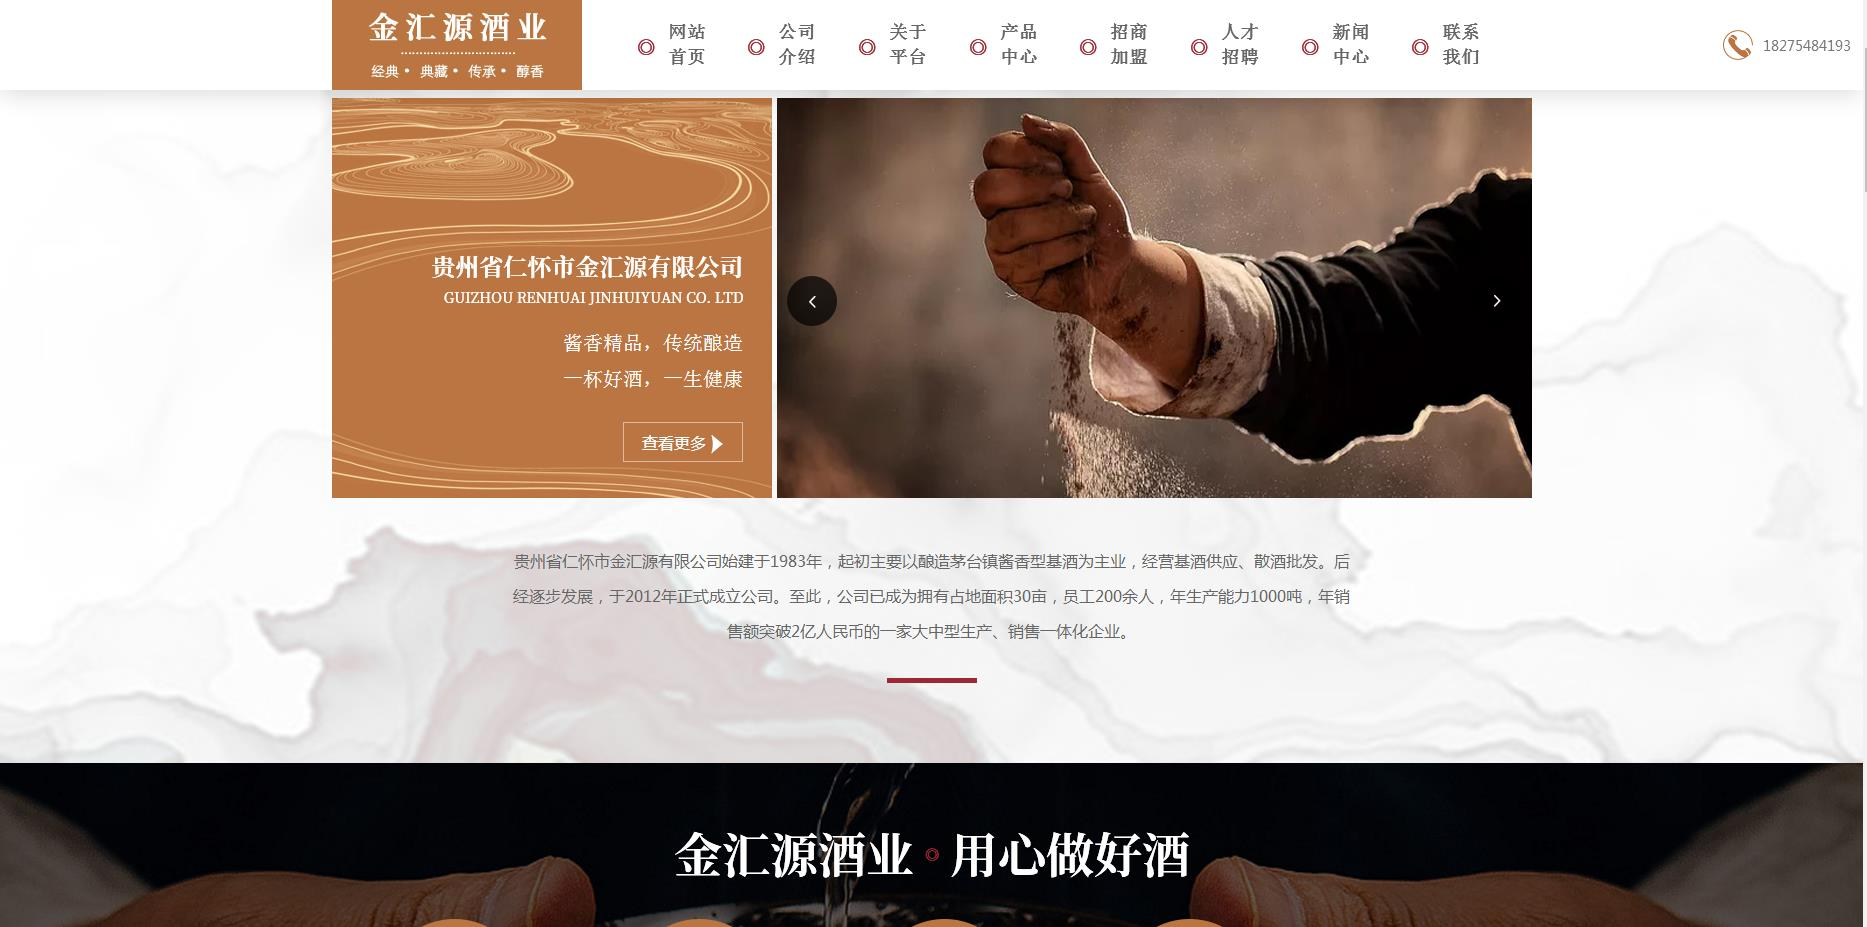 贵州省仁怀市汇源酒业销售有限公司